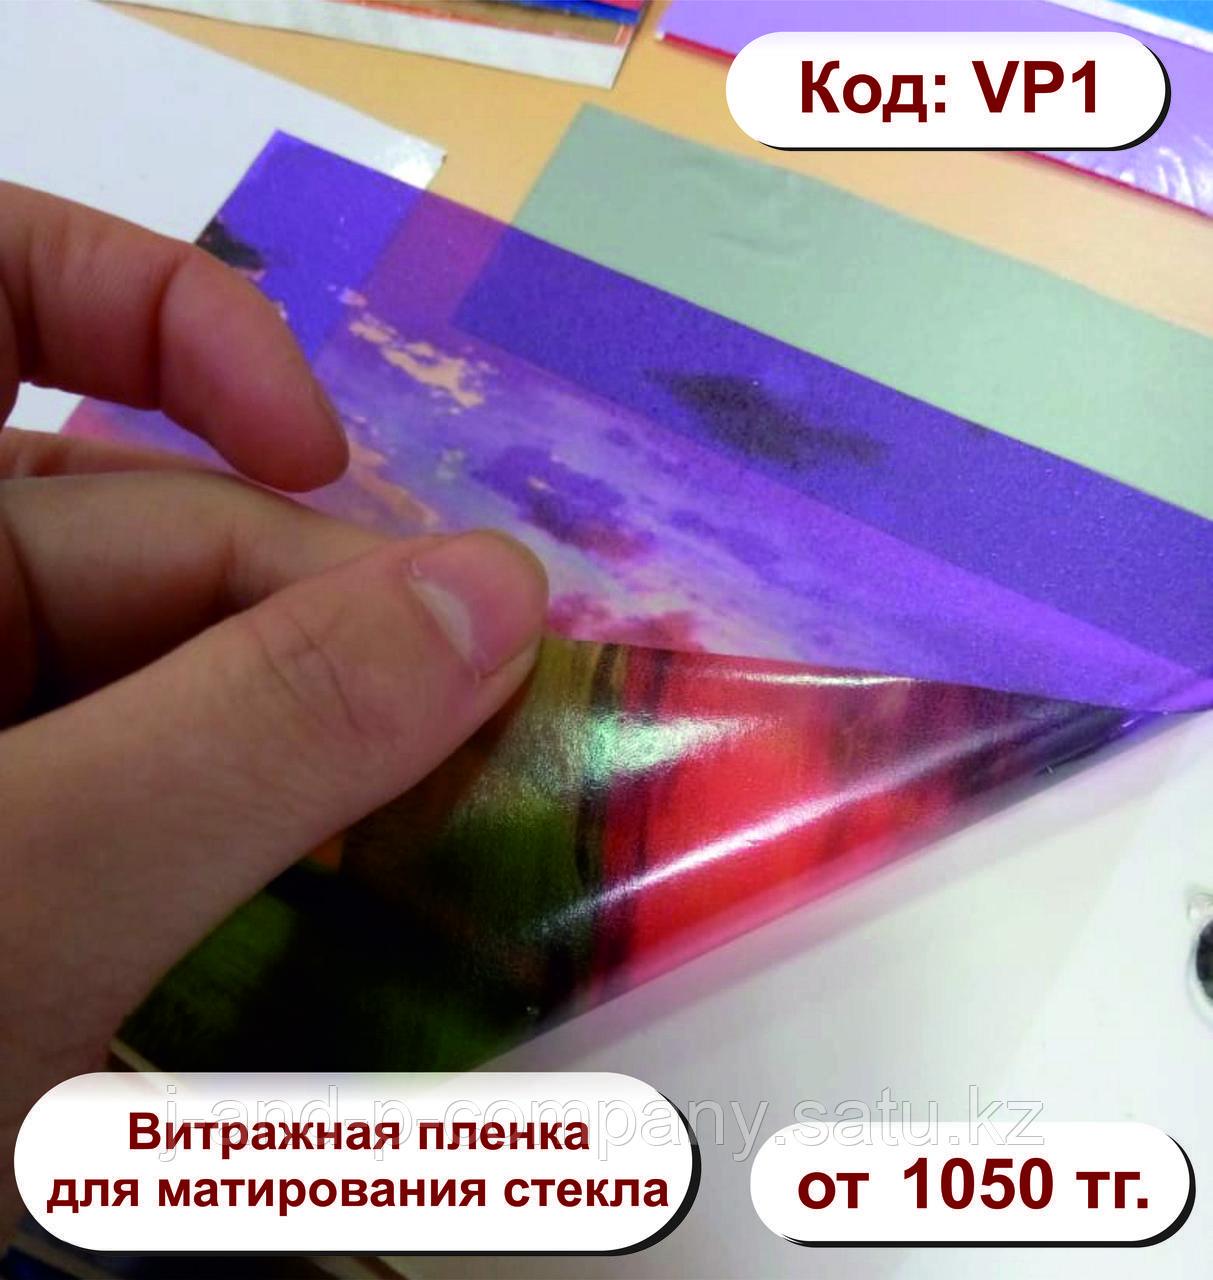 Витражная пленка для матирования стекла